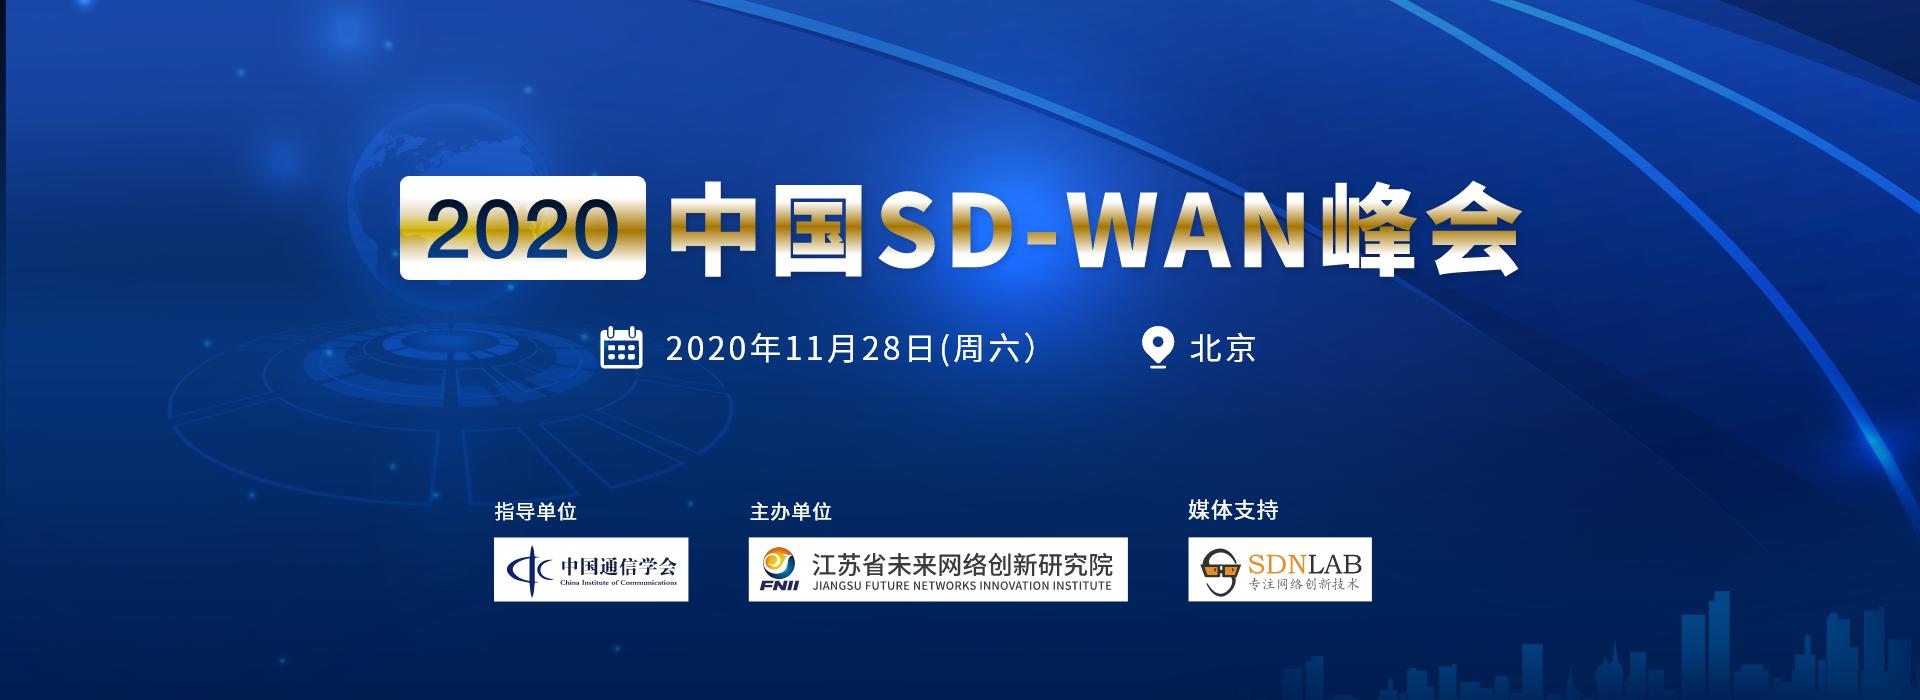 2020中国SD-WAN峰会